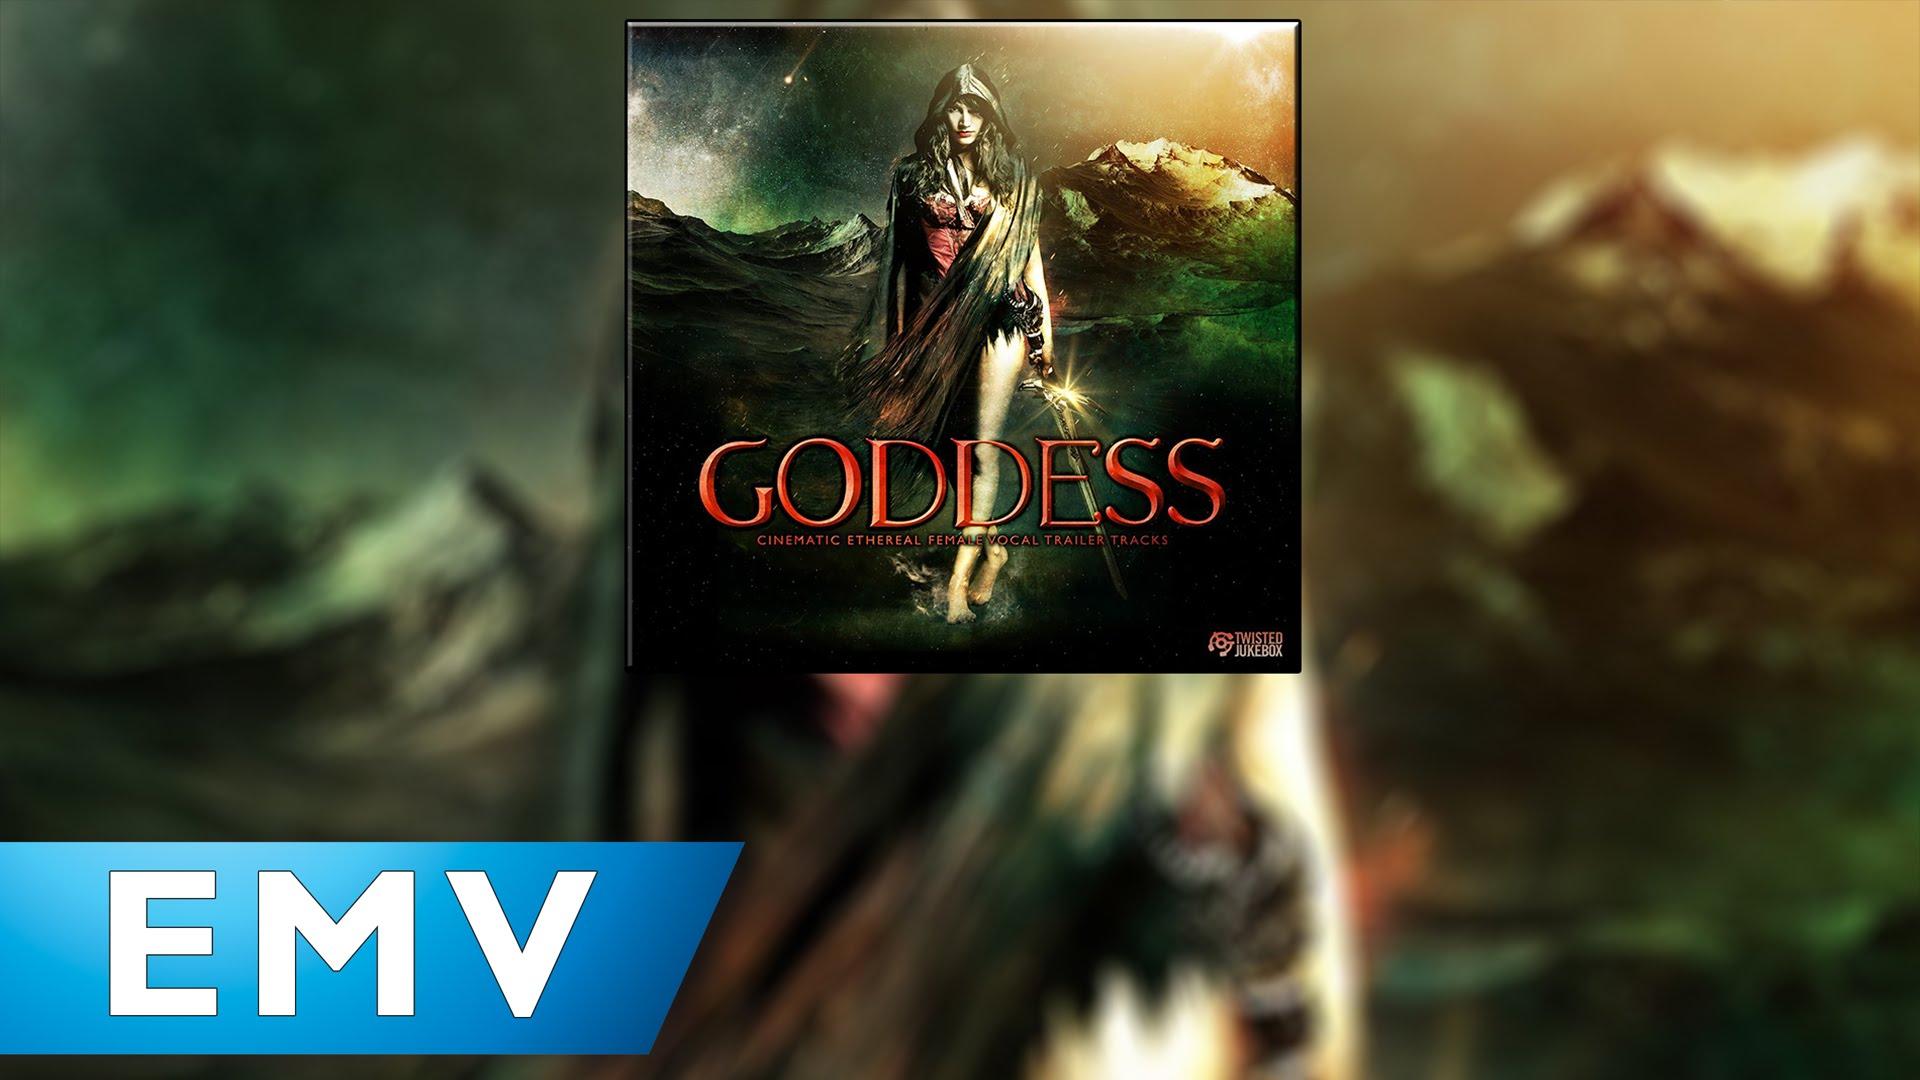 EMV - Goddess